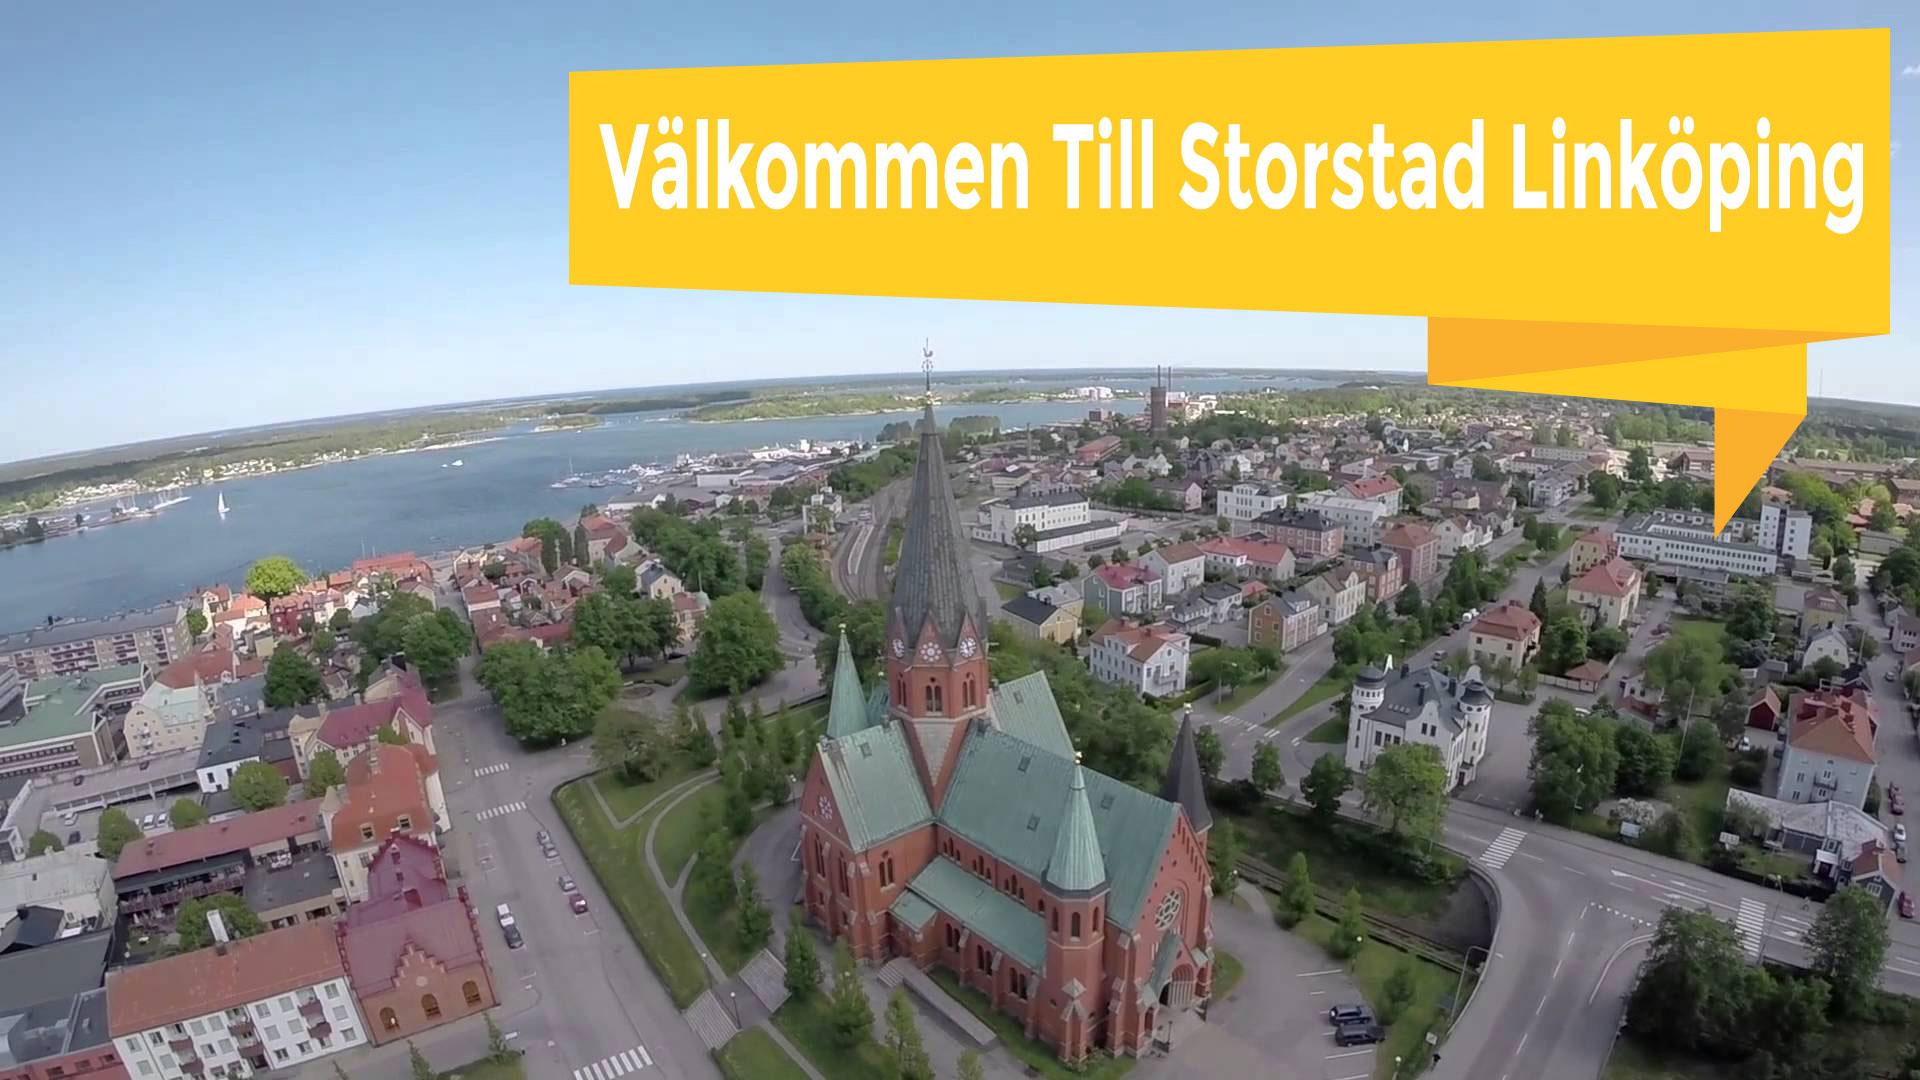 Välkommen Till Storstad Linköping